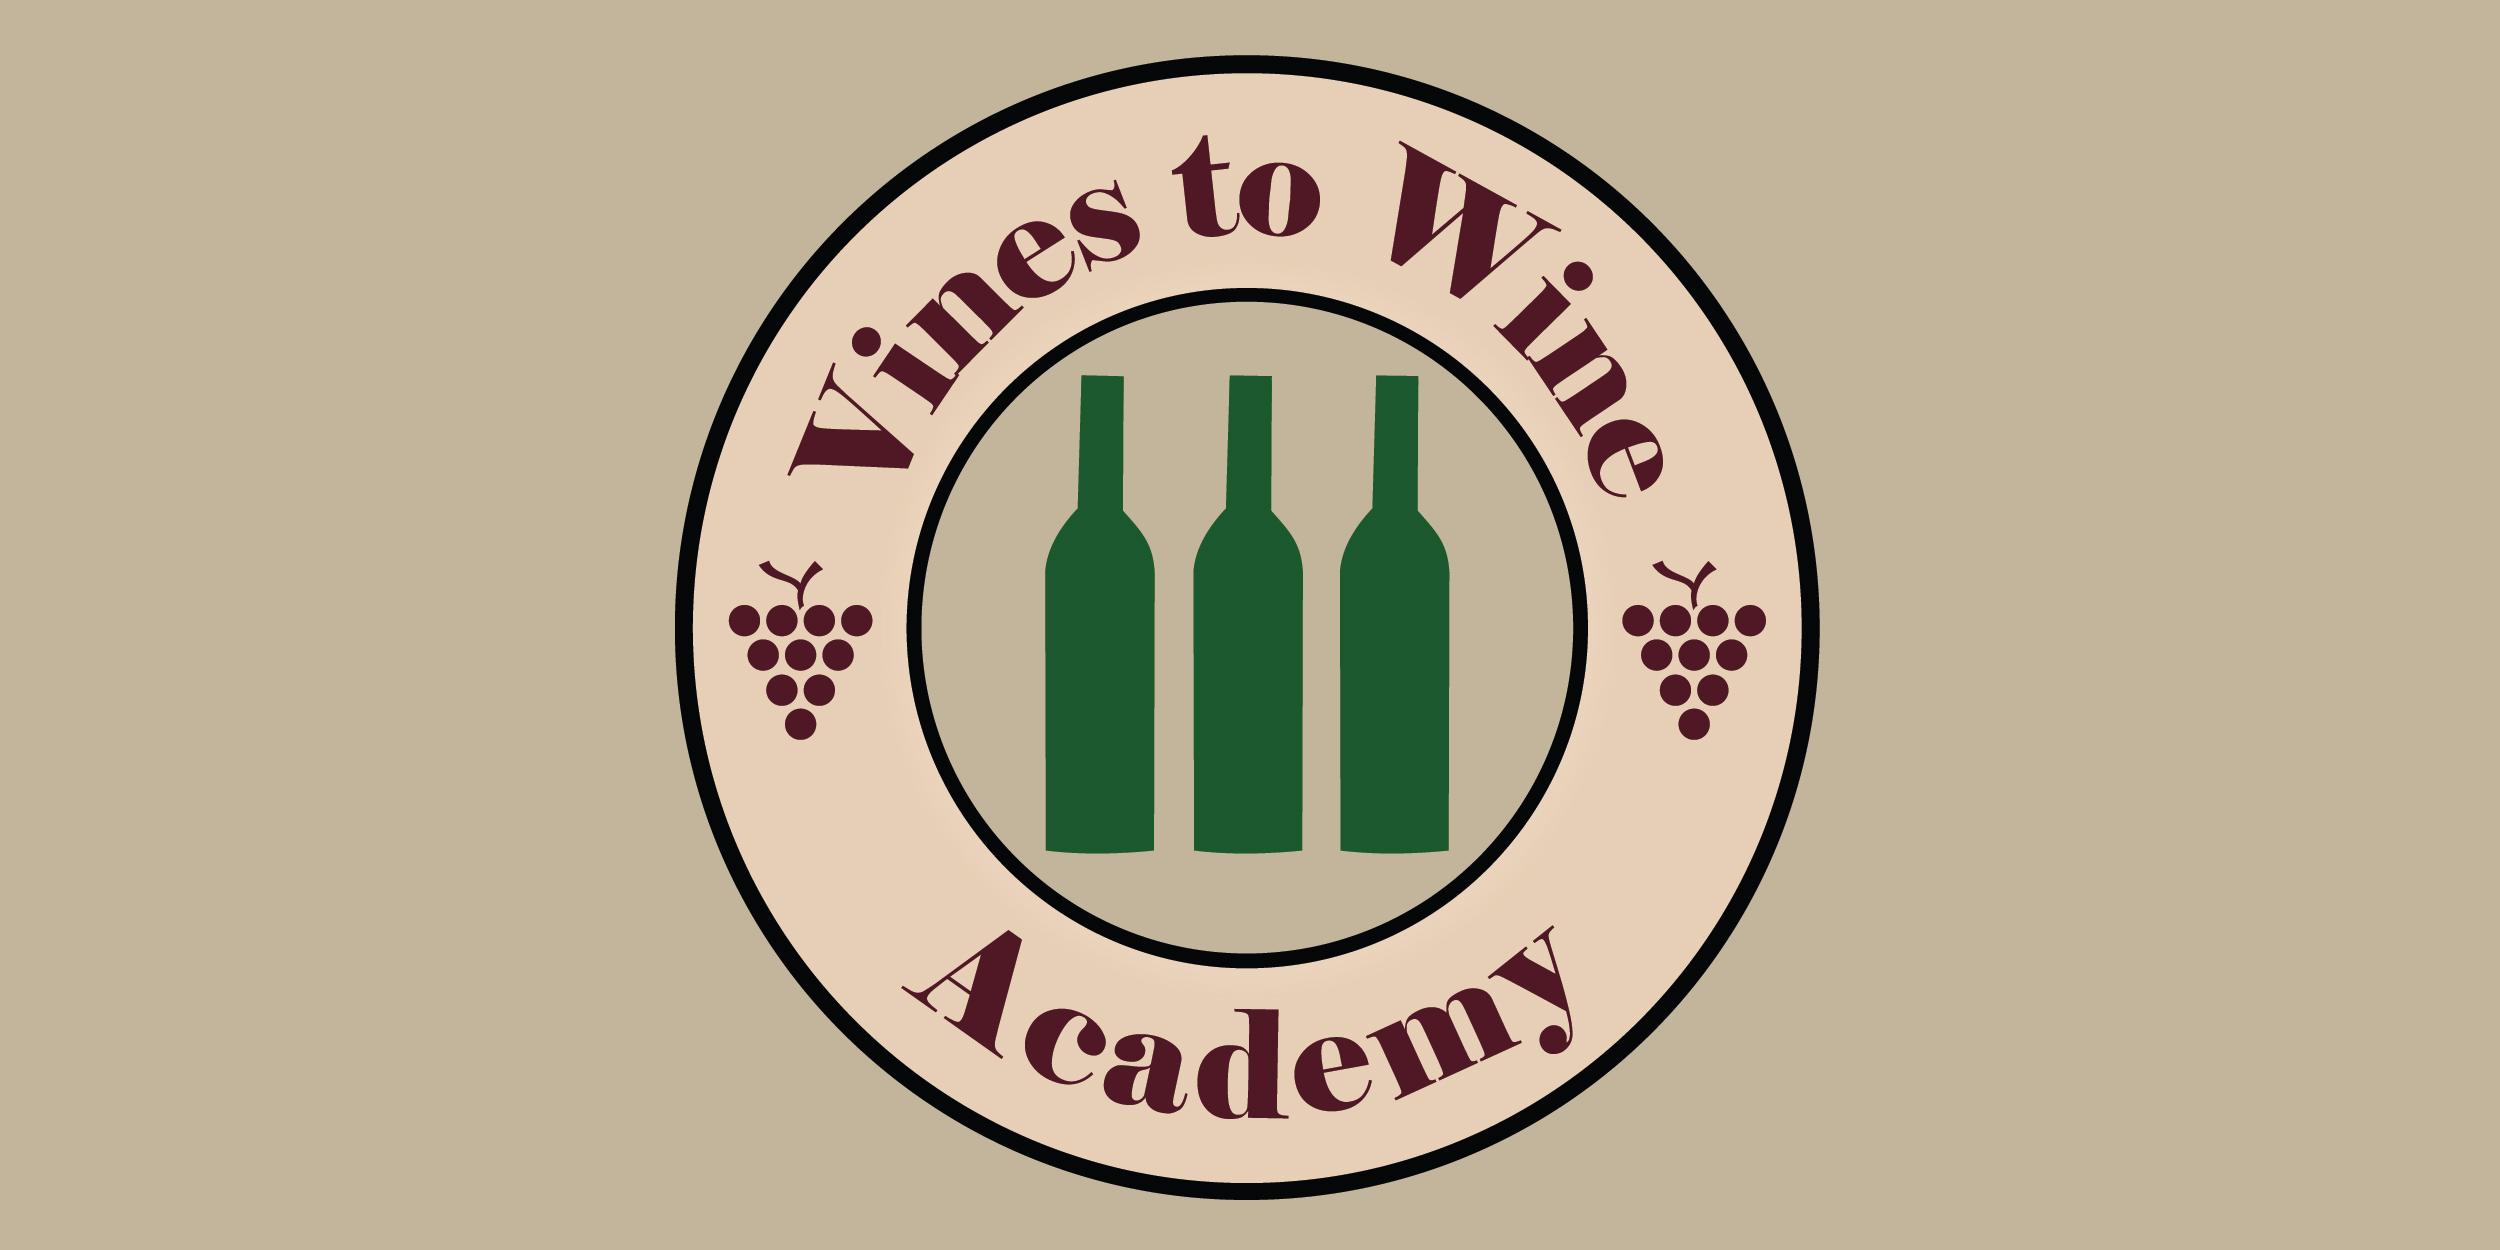 vines to wine-01.jpg